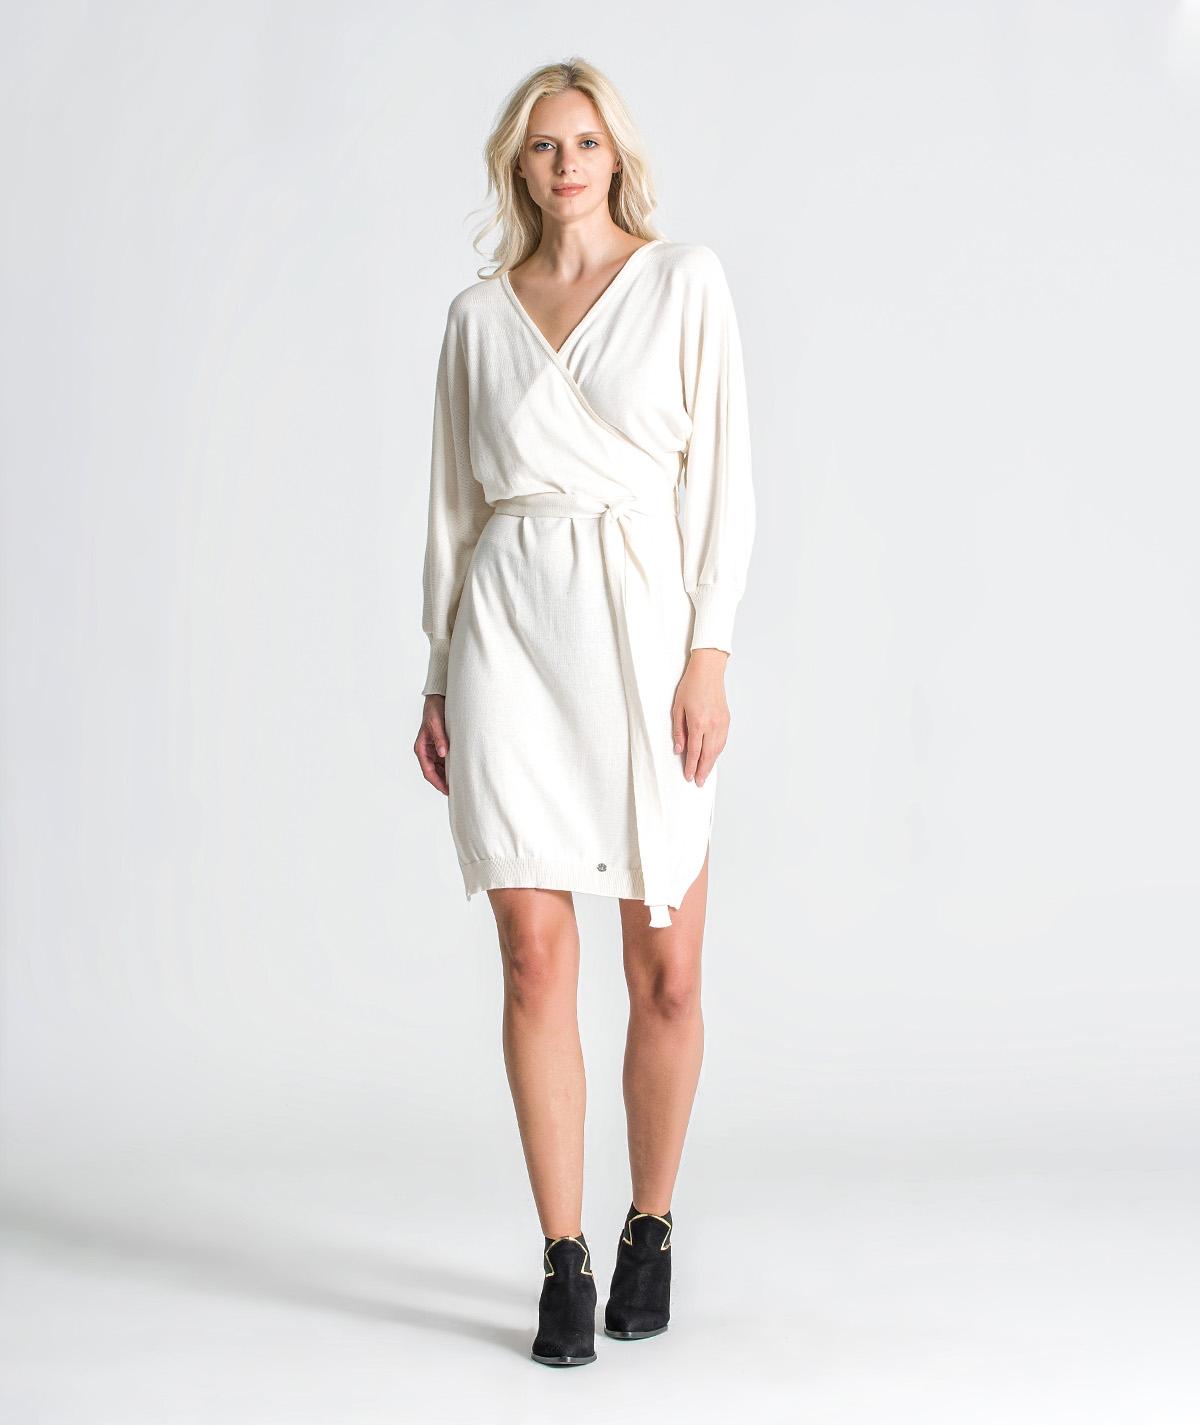 Vestido cruzado com cinto